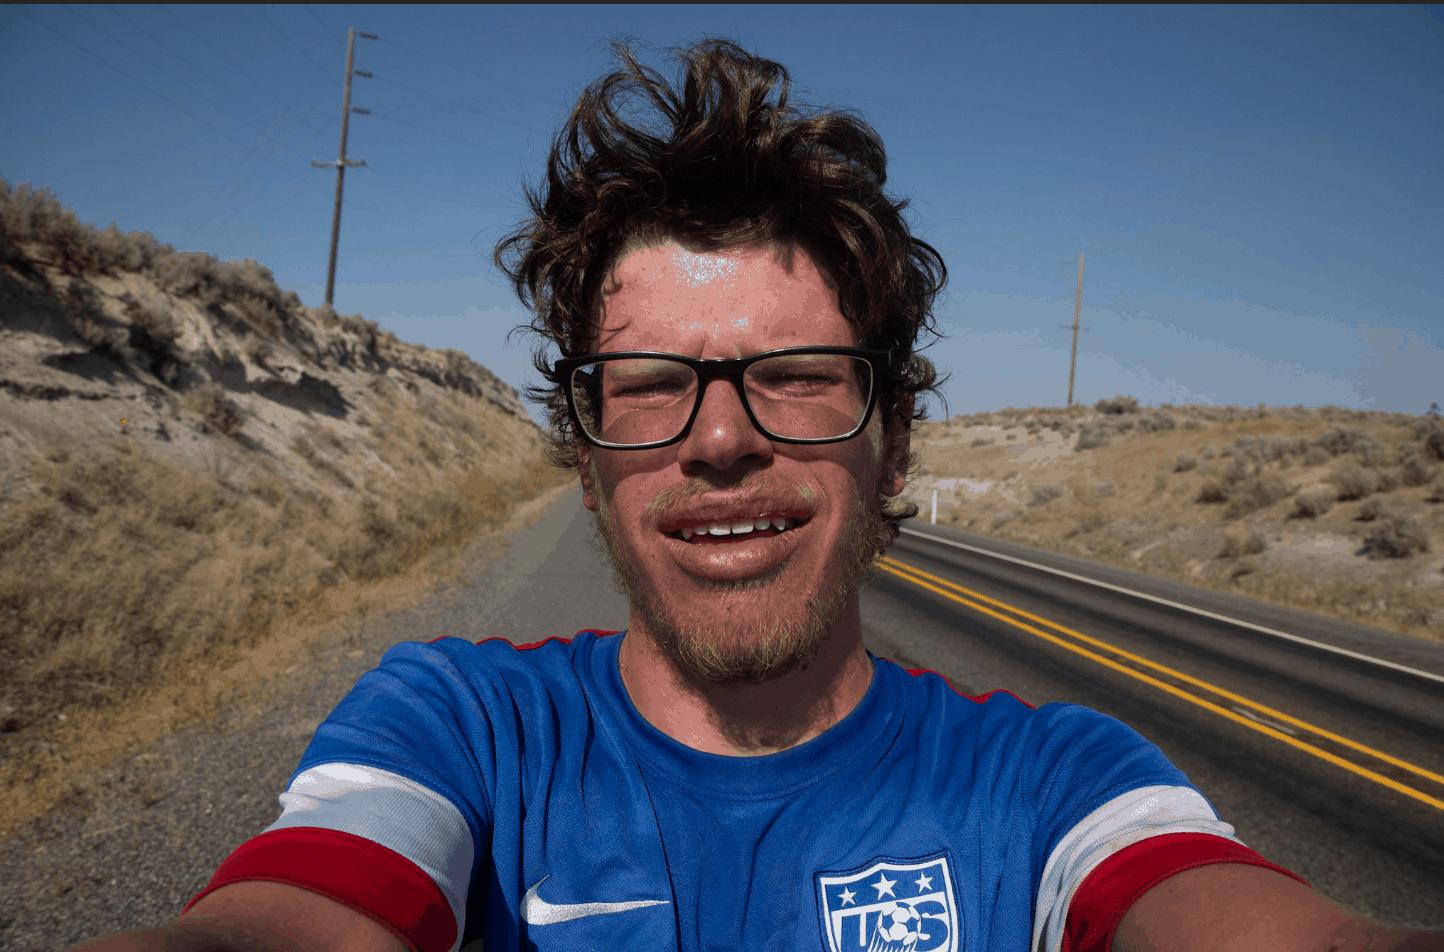 Selfie taken by Pershing on his trek